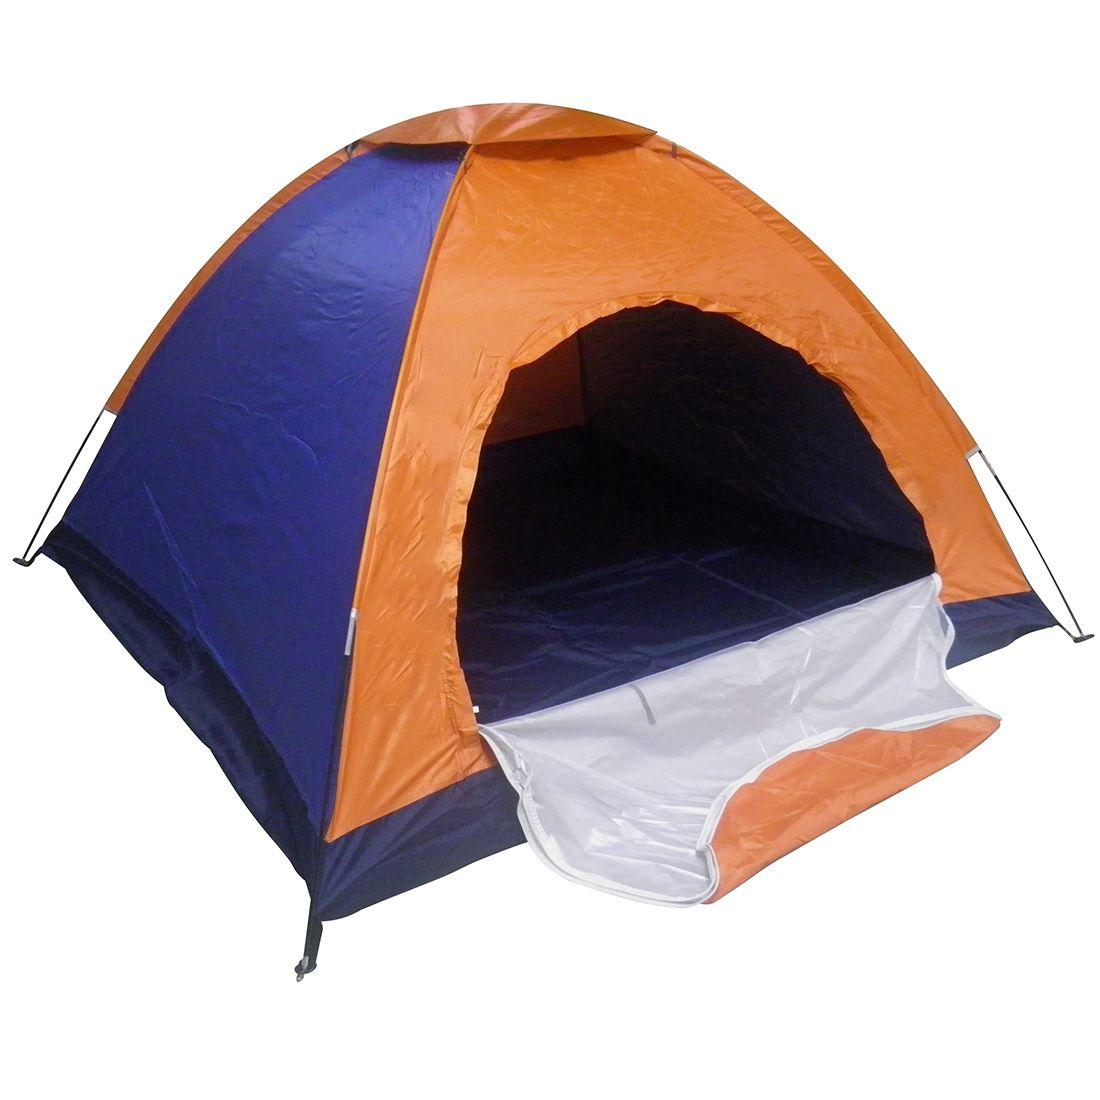 Barraca de Camping 4 Pessoas Ferias Viagem Passeio Verao Acampamento